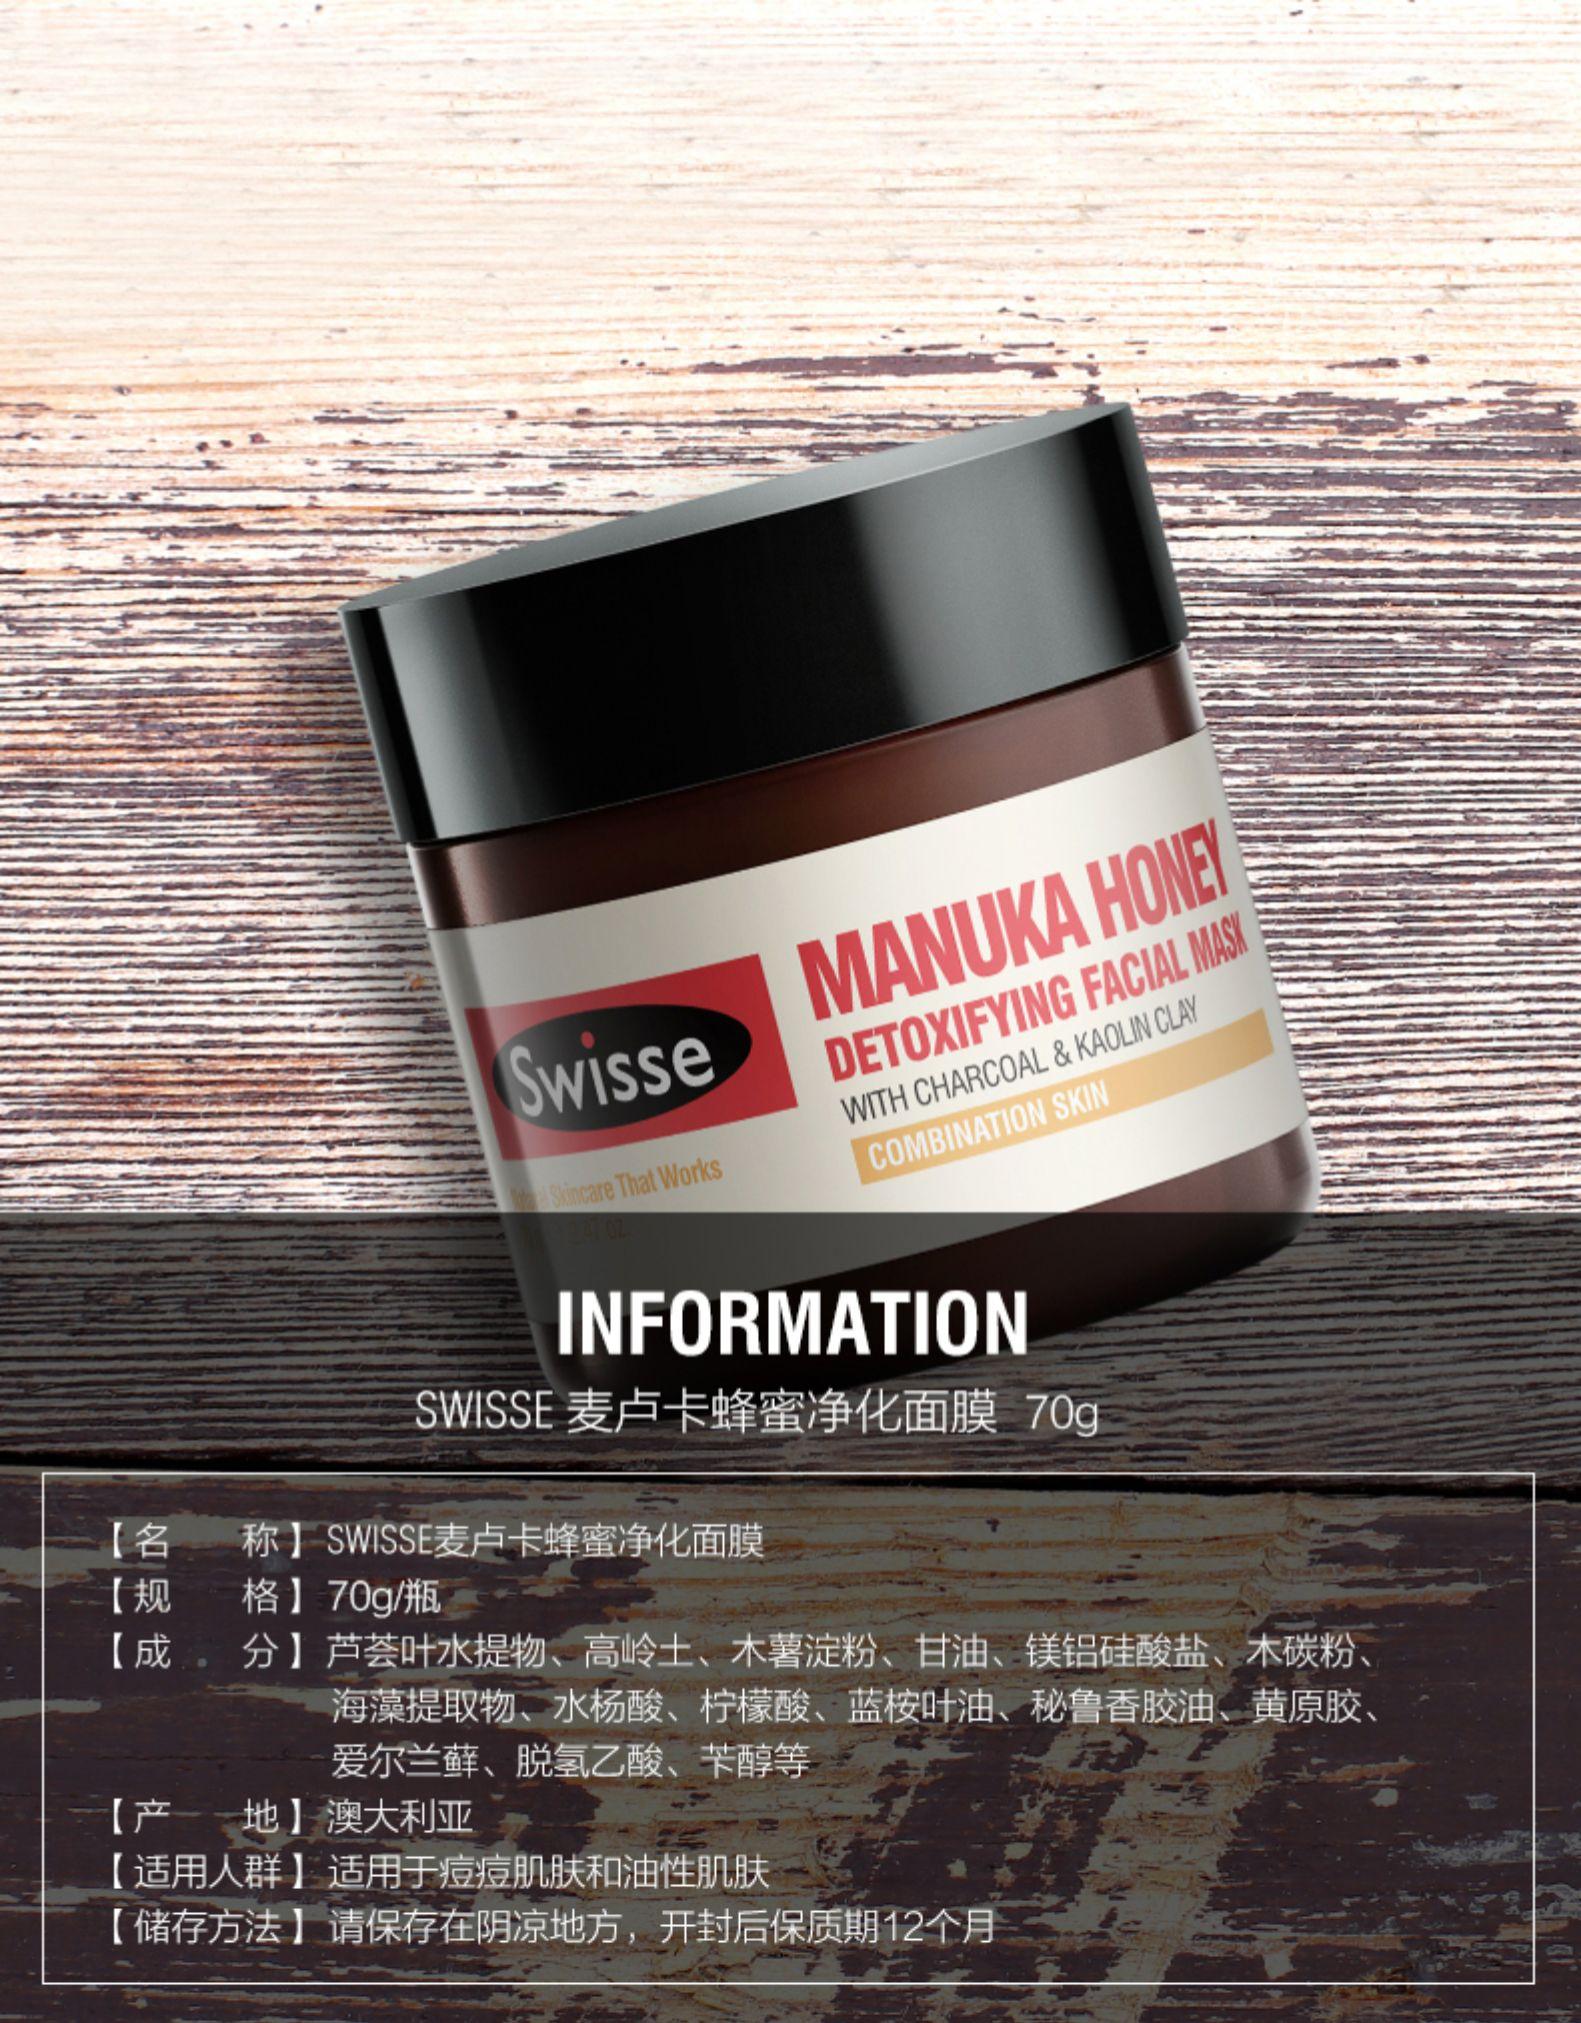 澳洲swisse进口麦卢卡蜂蜜面膜 深层清洁滋润面膜 控油去黑头 我们的产品 第6张